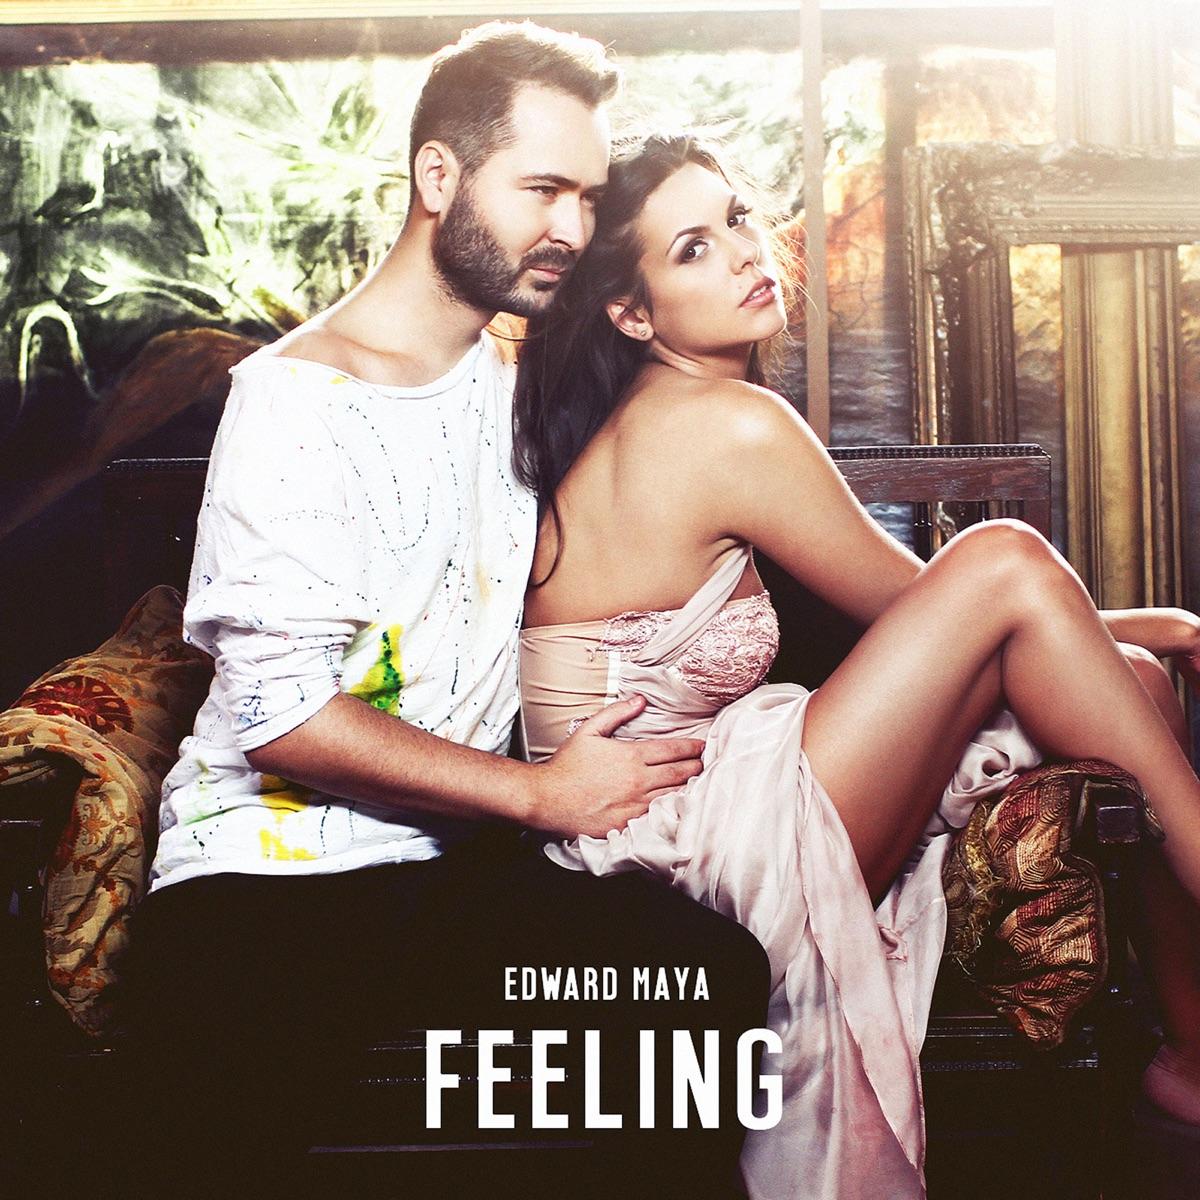 Feeling Album Cover by Edward Maya